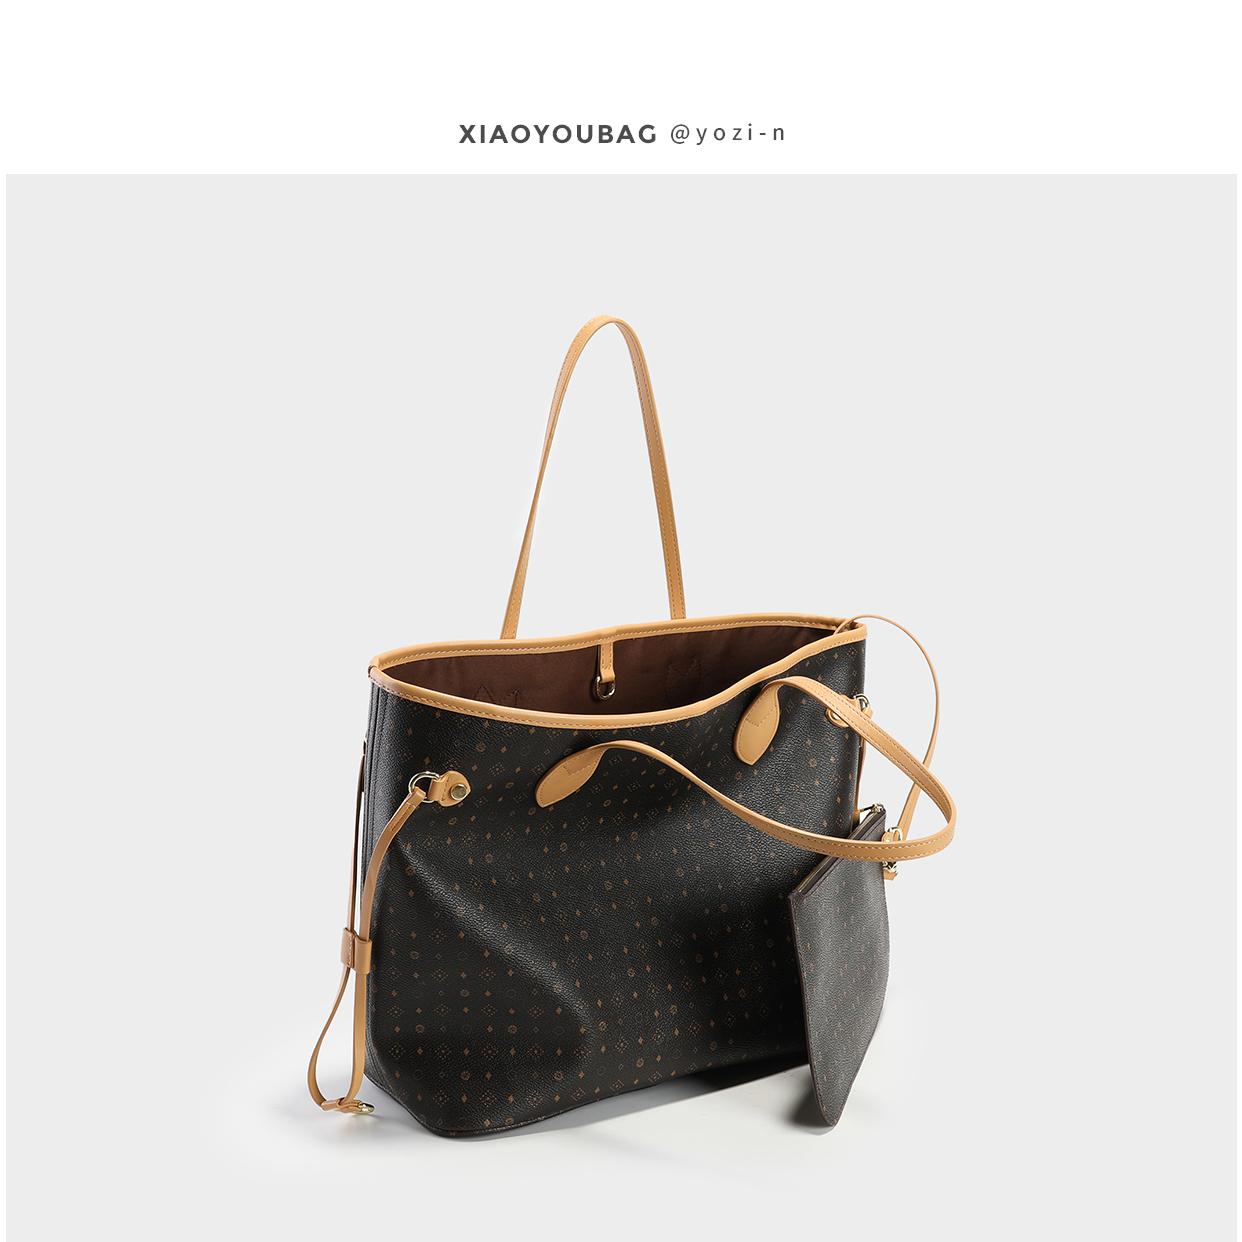 小优家包包 高级感包包女大容量单肩包女包新款2021手提大包包淘宝优惠券